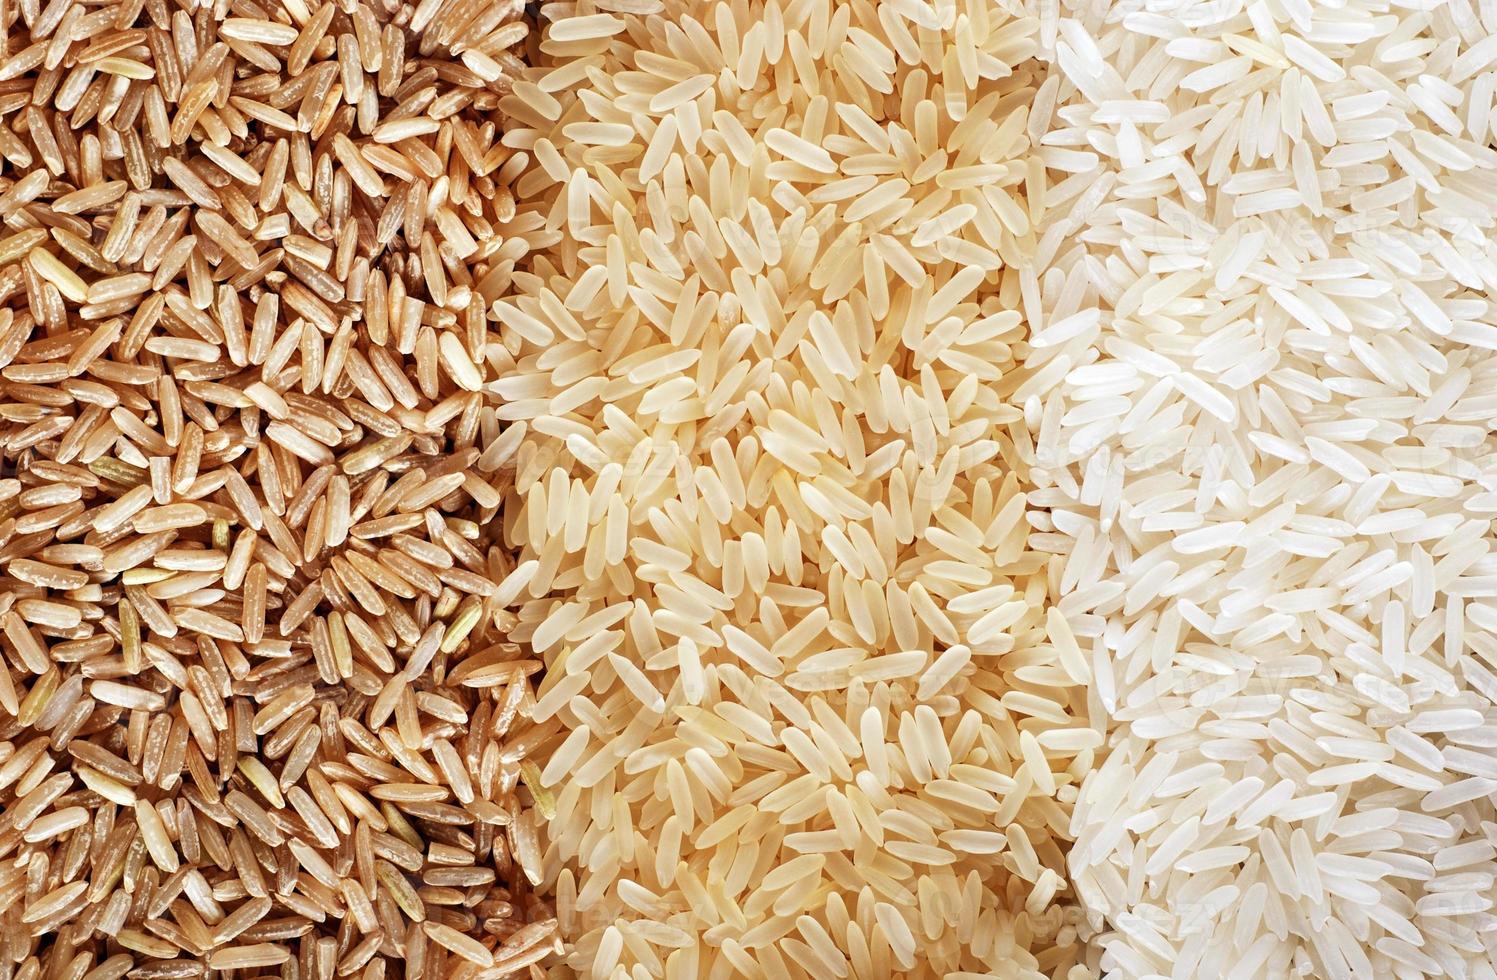 drie rijen rijstvariëteiten - bruin, wild en wit. foto